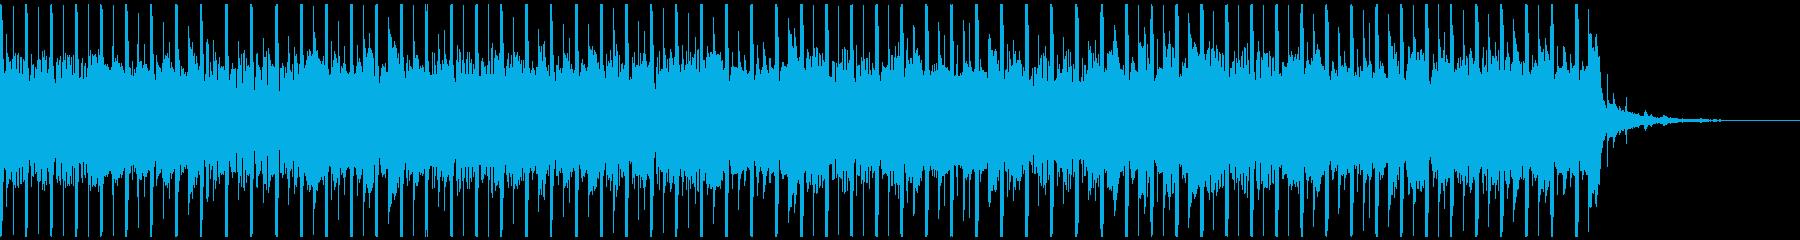 モダンテクノロジー(ショート)の再生済みの波形